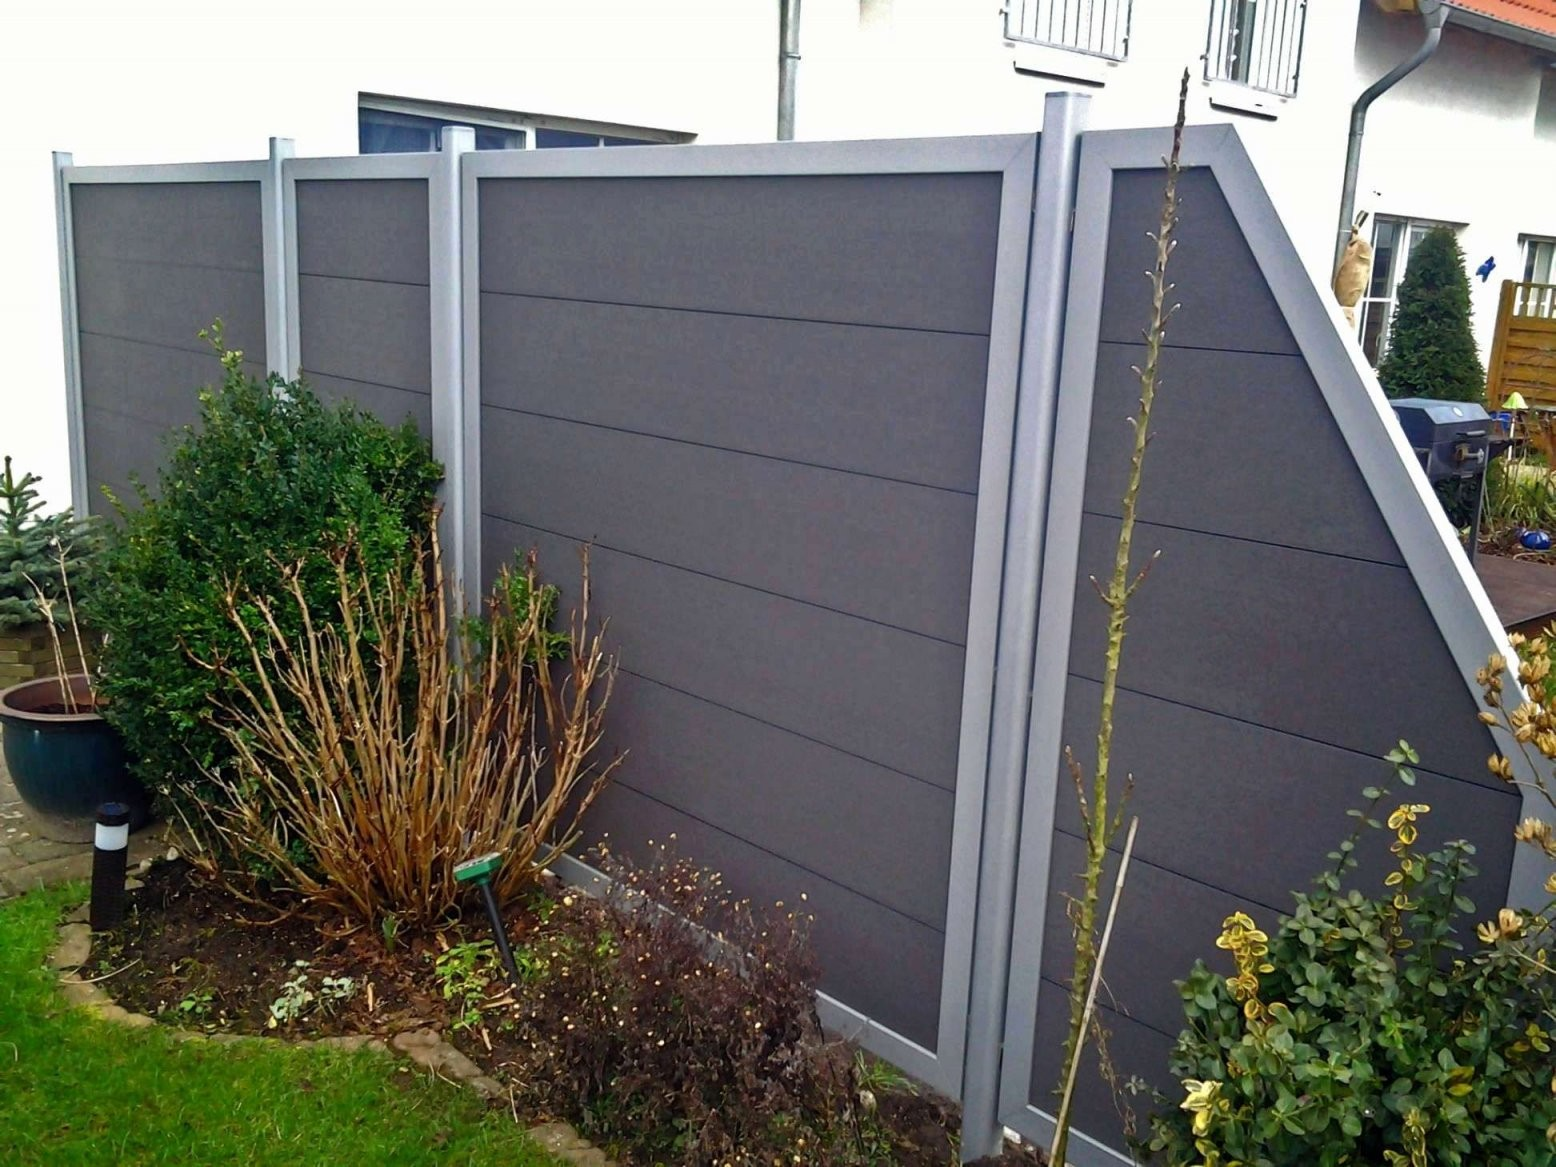 Sichtschutz Zum Nachbarn Ideen Luxus Frisch Sichtschutz Im Garten von Sichtschutz Zum Nachbarn Ideen Photo